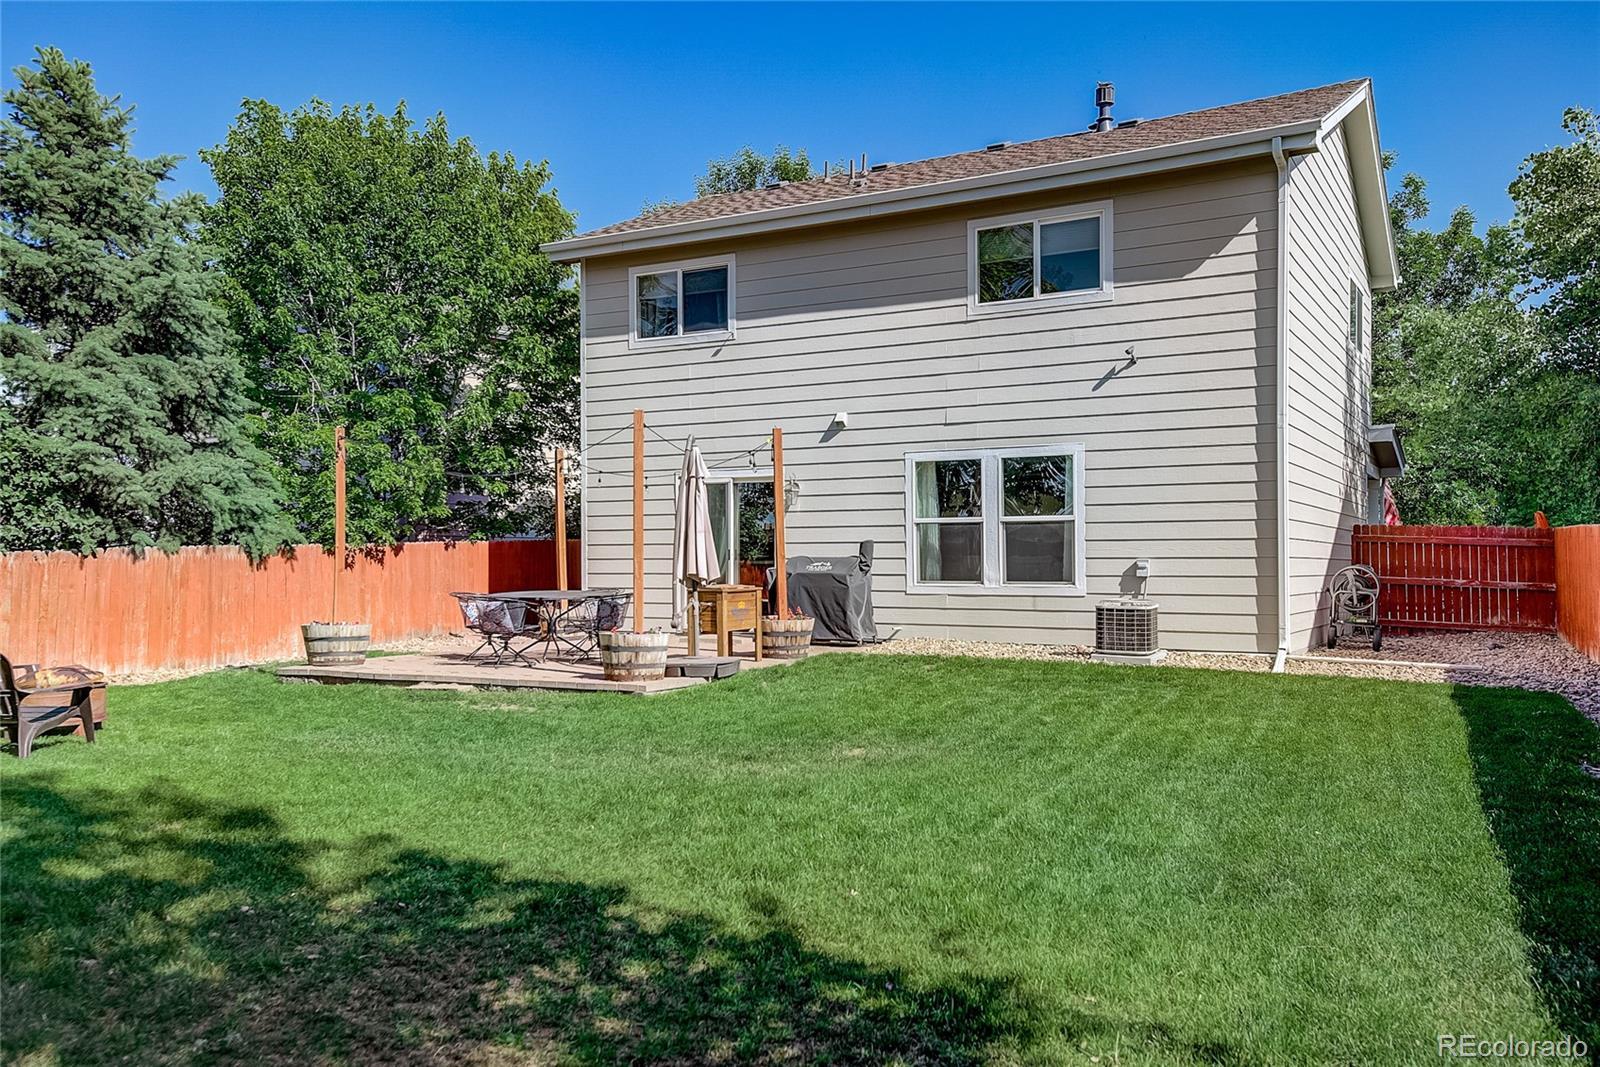 MLS# 5958307 - 33 - 10683 Butte Drive, Longmont, CO 80504